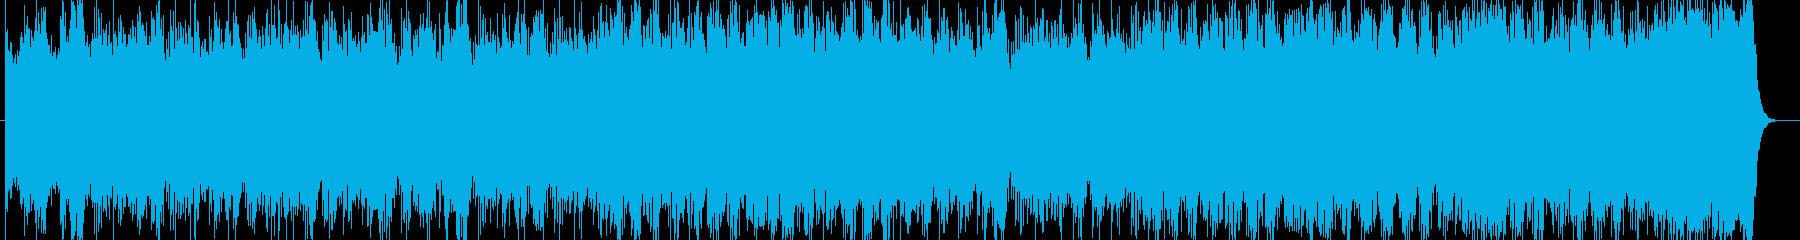 壮大で勢いあるギターシンセサウンドの再生済みの波形